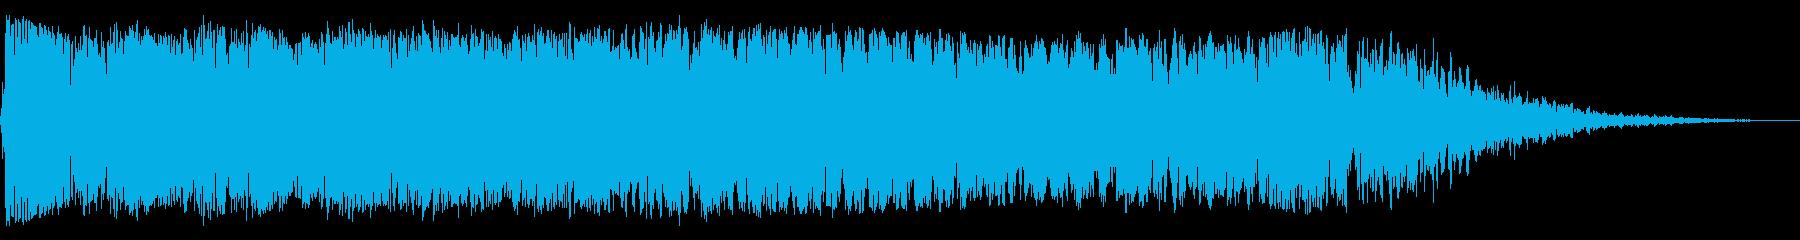 中空エネルギー静的スイープの再生済みの波形